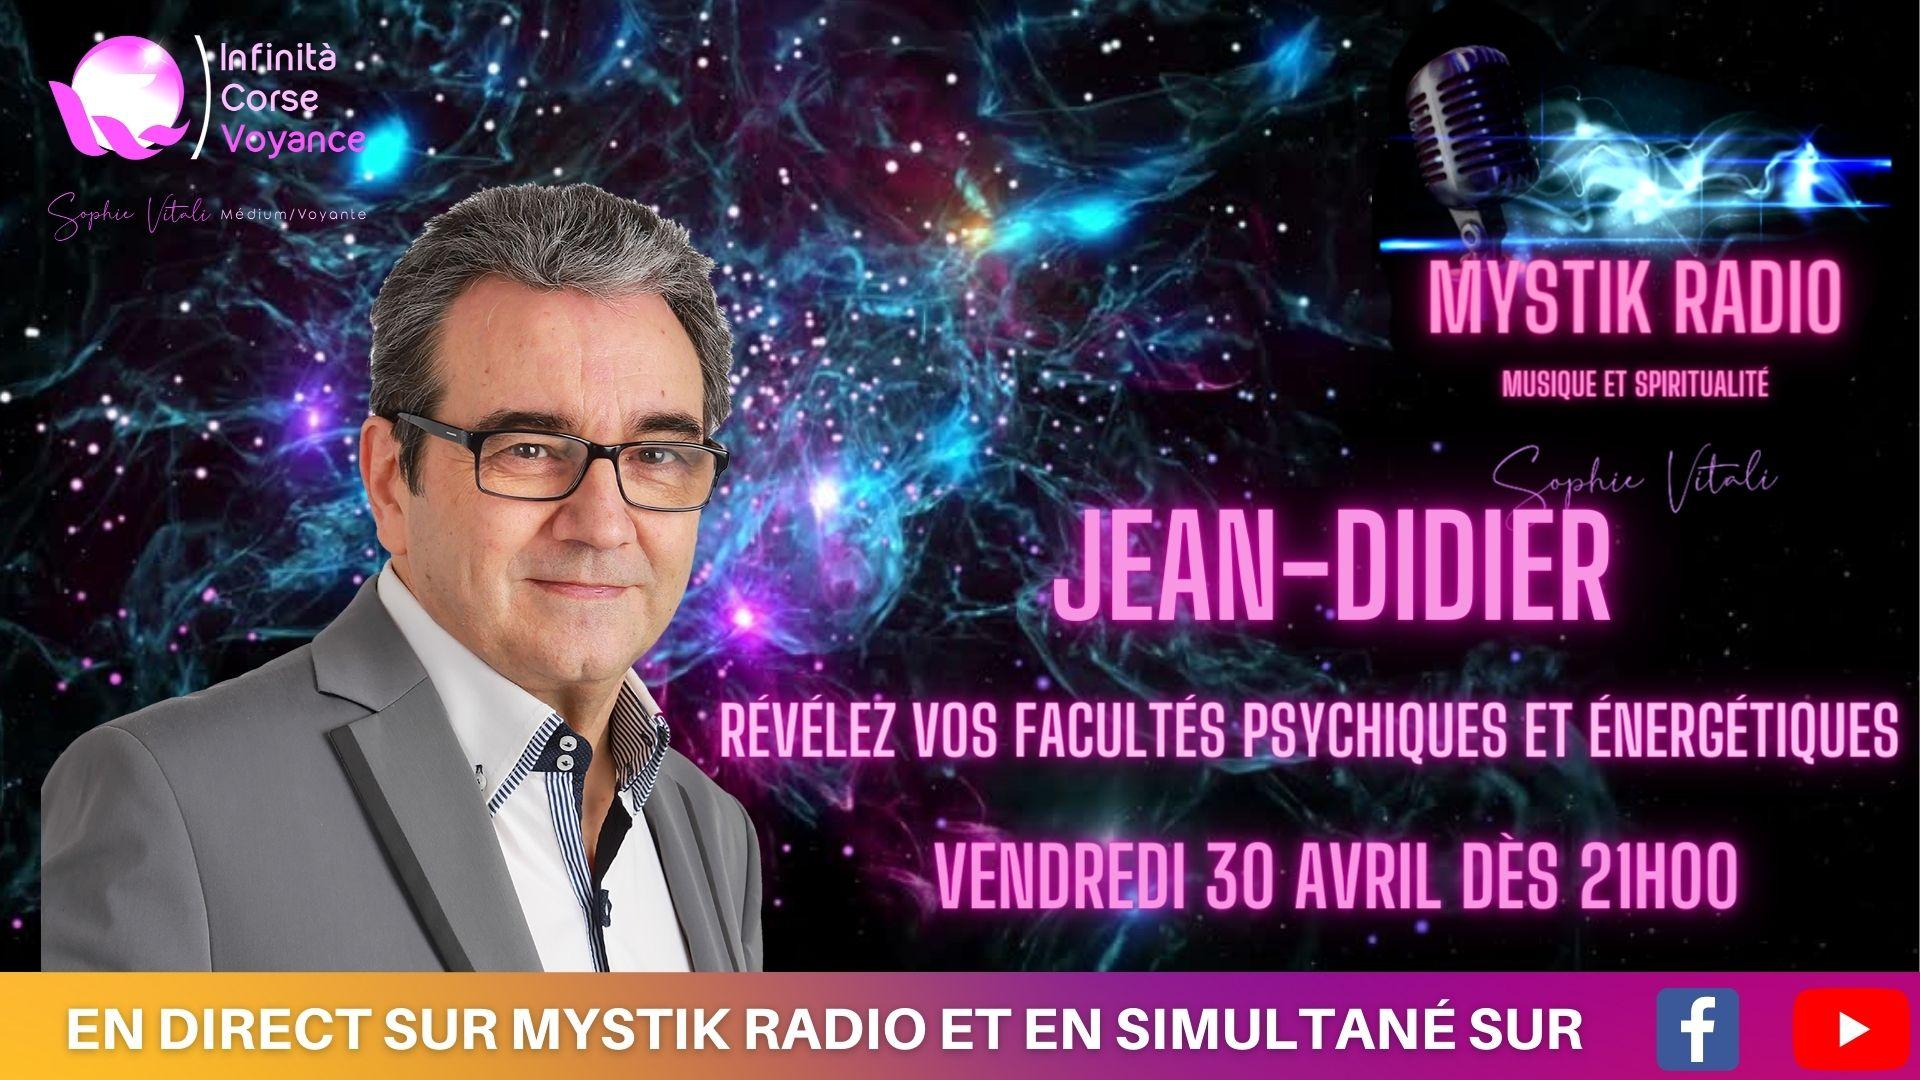 Révélez vos facultés psychiques et énergétiquesen direct sur Mystik Radio avec Jean-Didier médium, guérisseur et magnétiseur présentée par Sophie Vitali